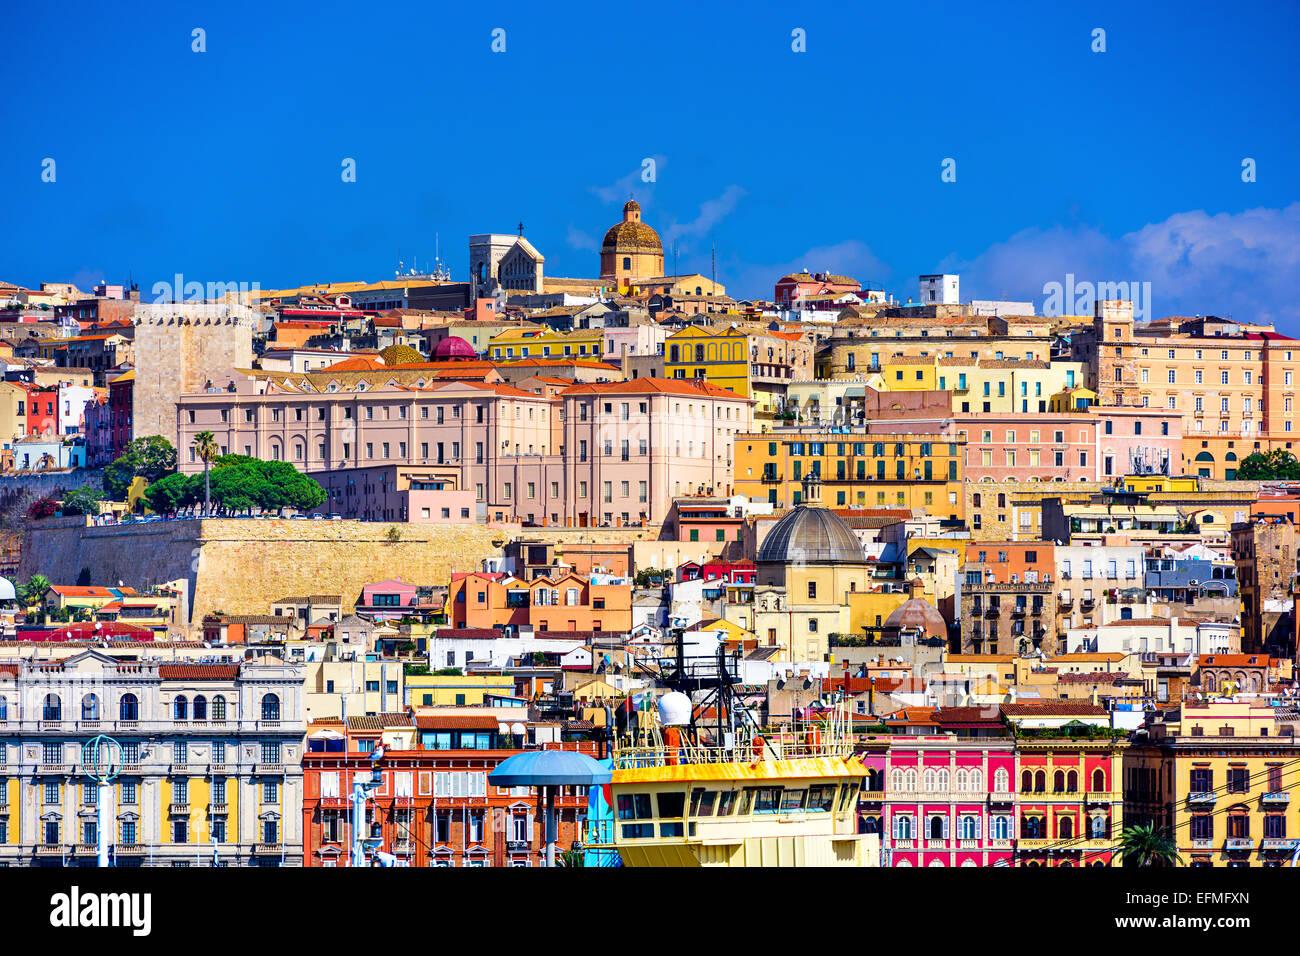 Cagliari, Sardegna, Italia città vecchia skyline. Immagini Stock